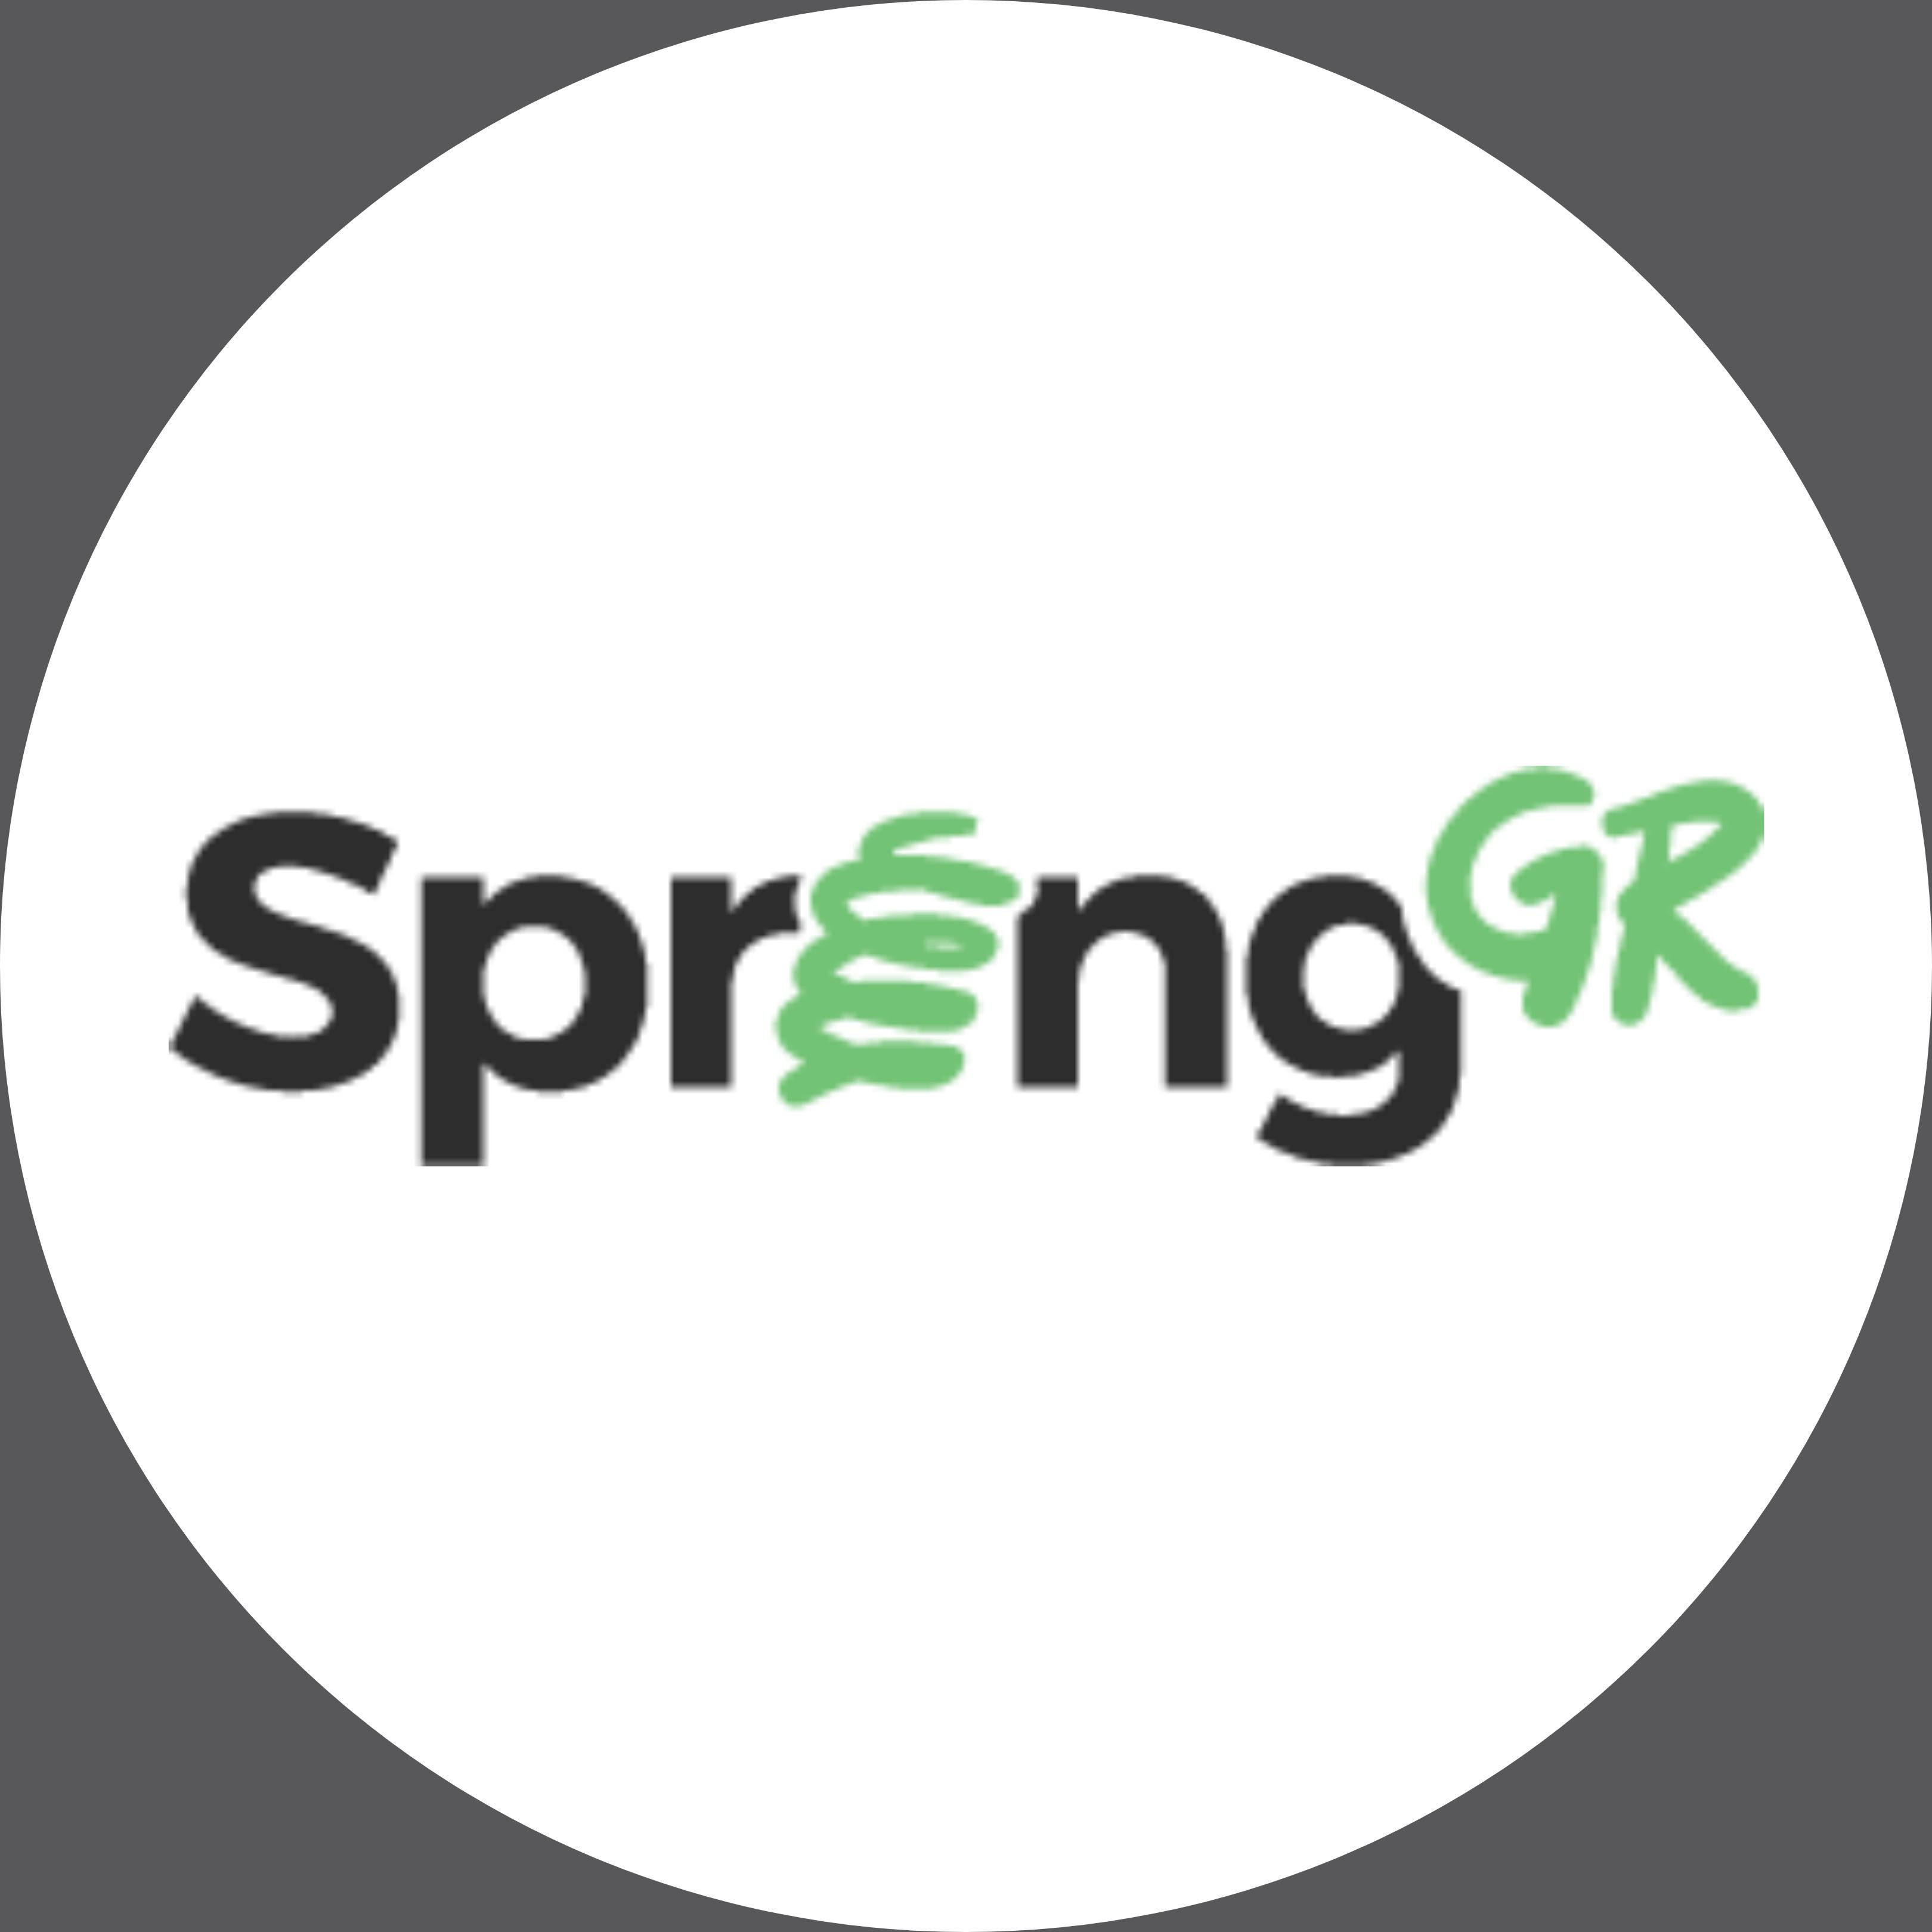 SpringGR